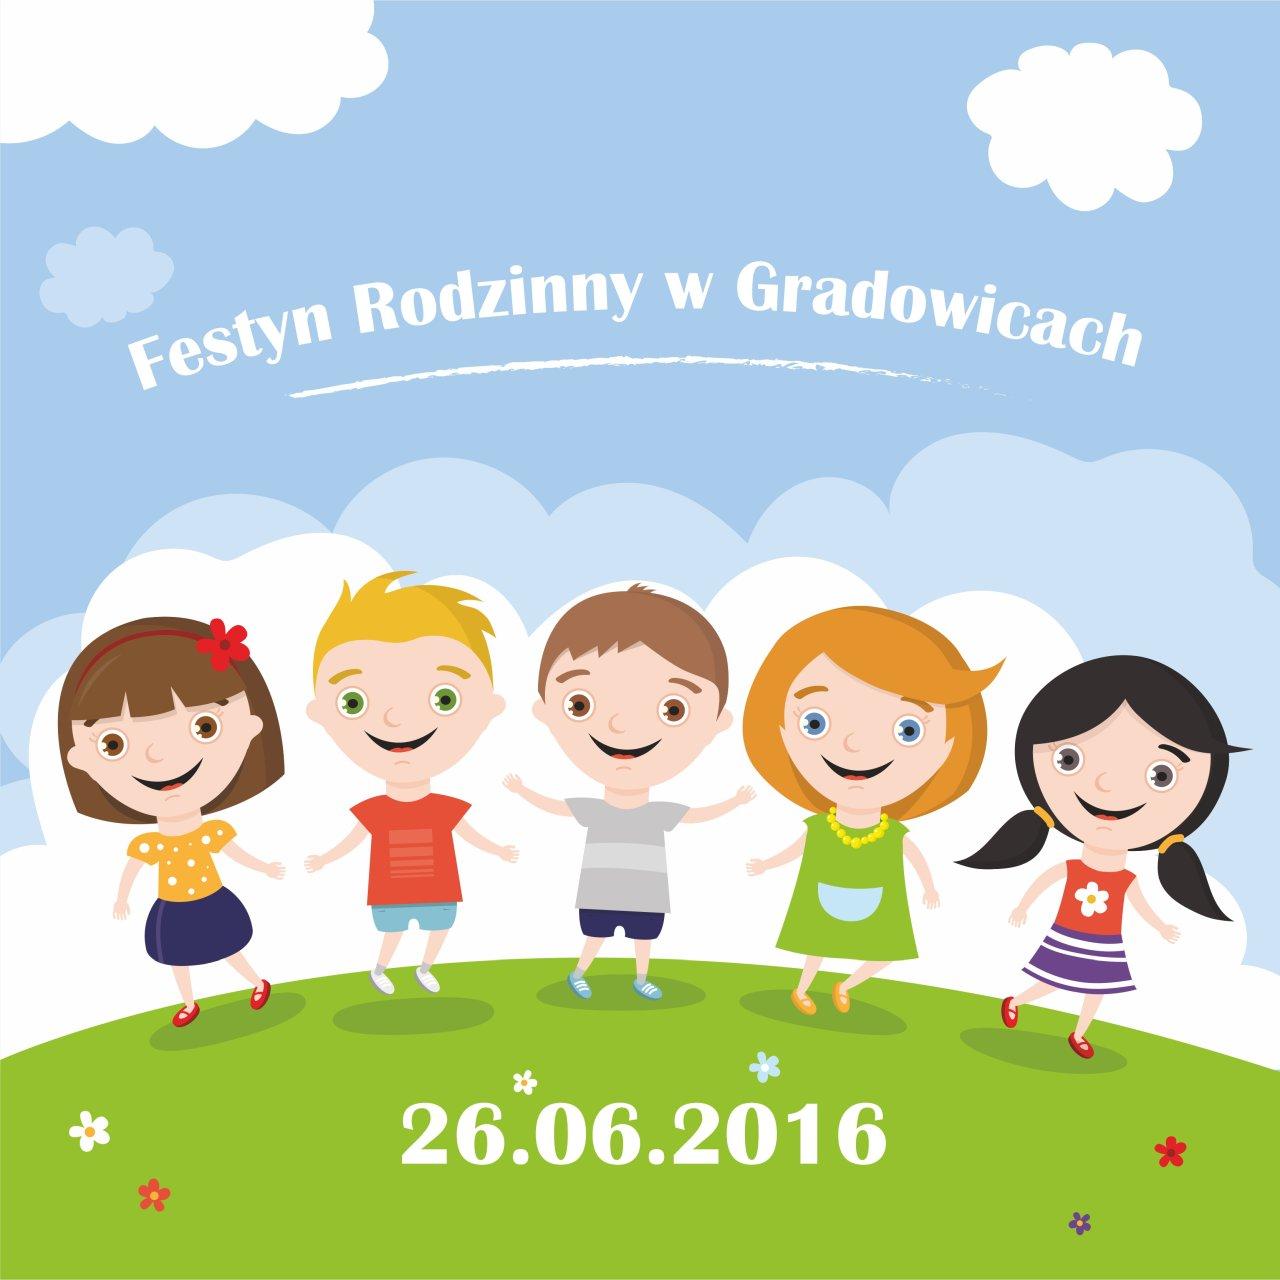 Festyn rodzinny w Gradowicach.